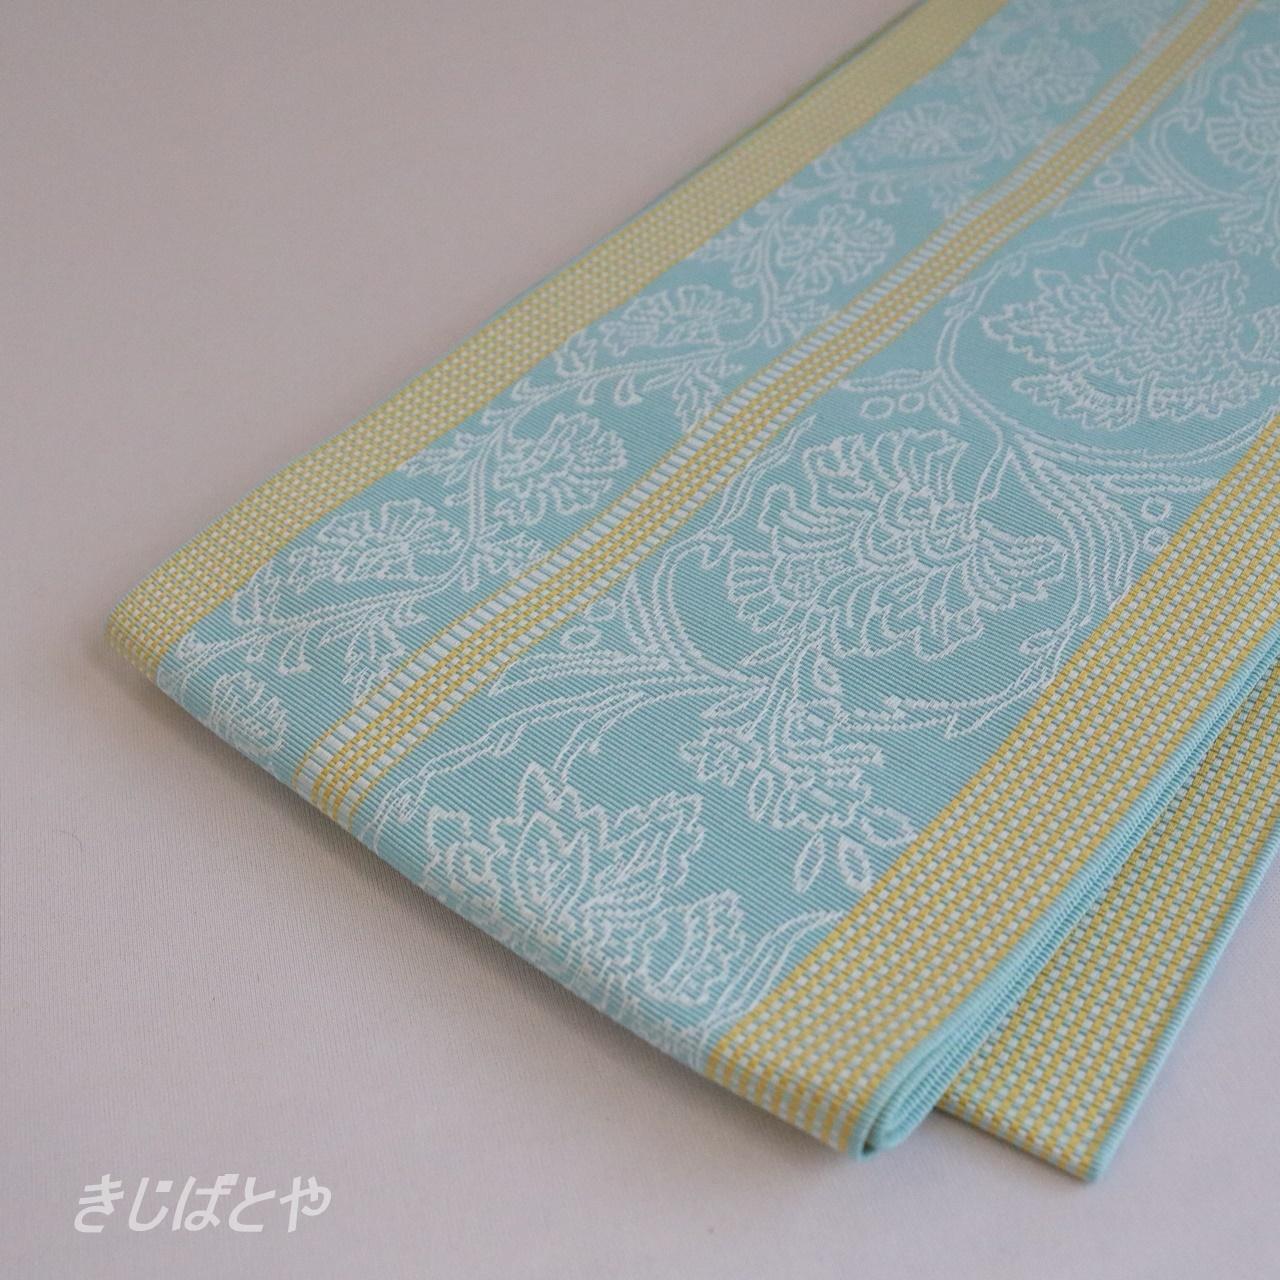 正絹博多織 更紗柄の半幅帯 砧青磁